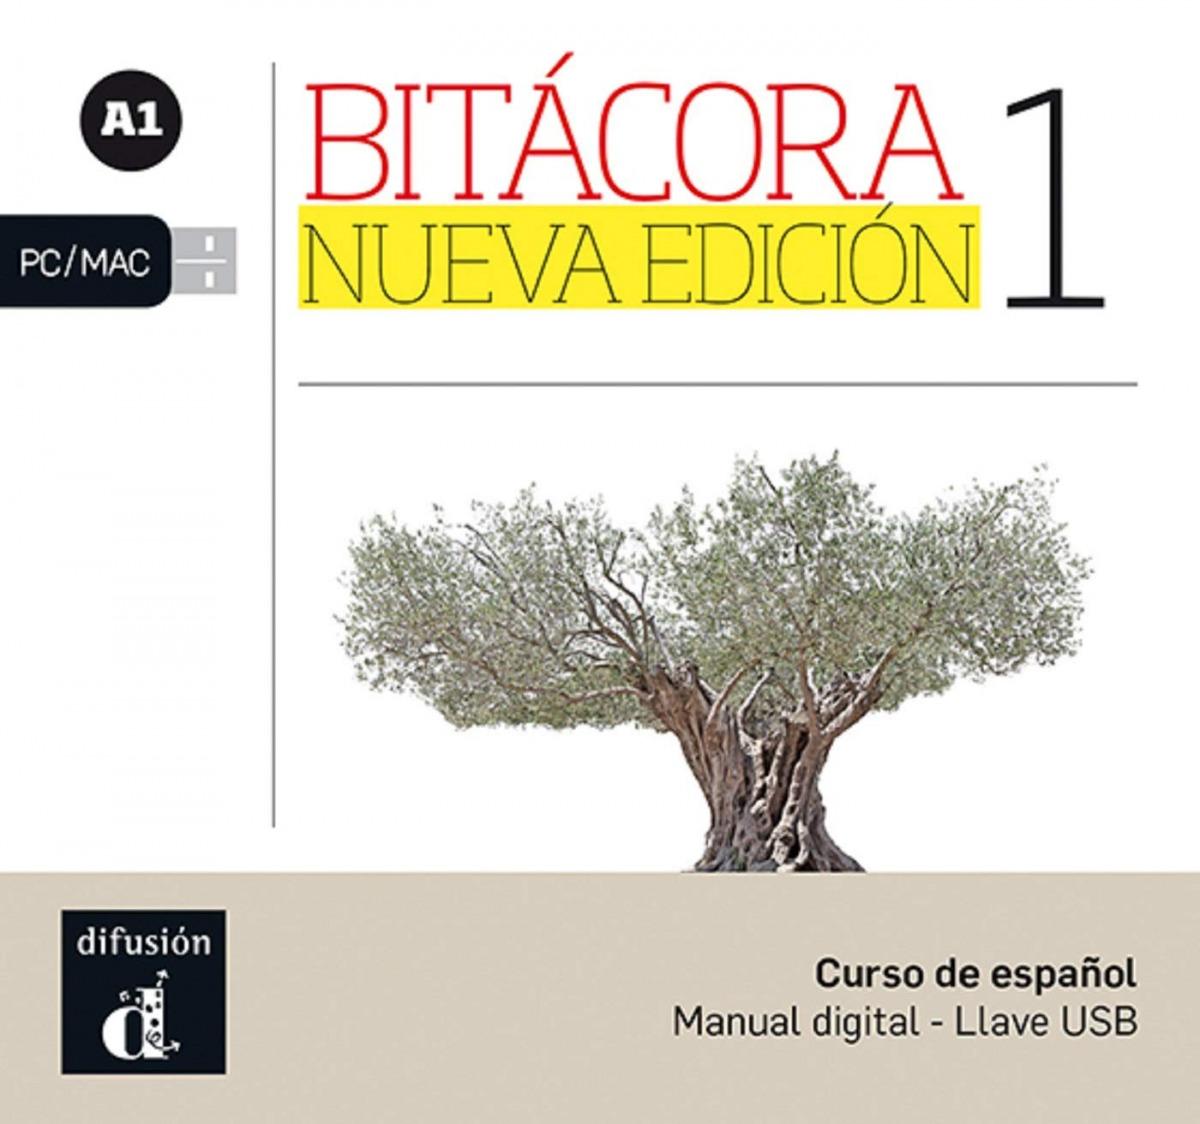 USB LLAVE BITACORA 1